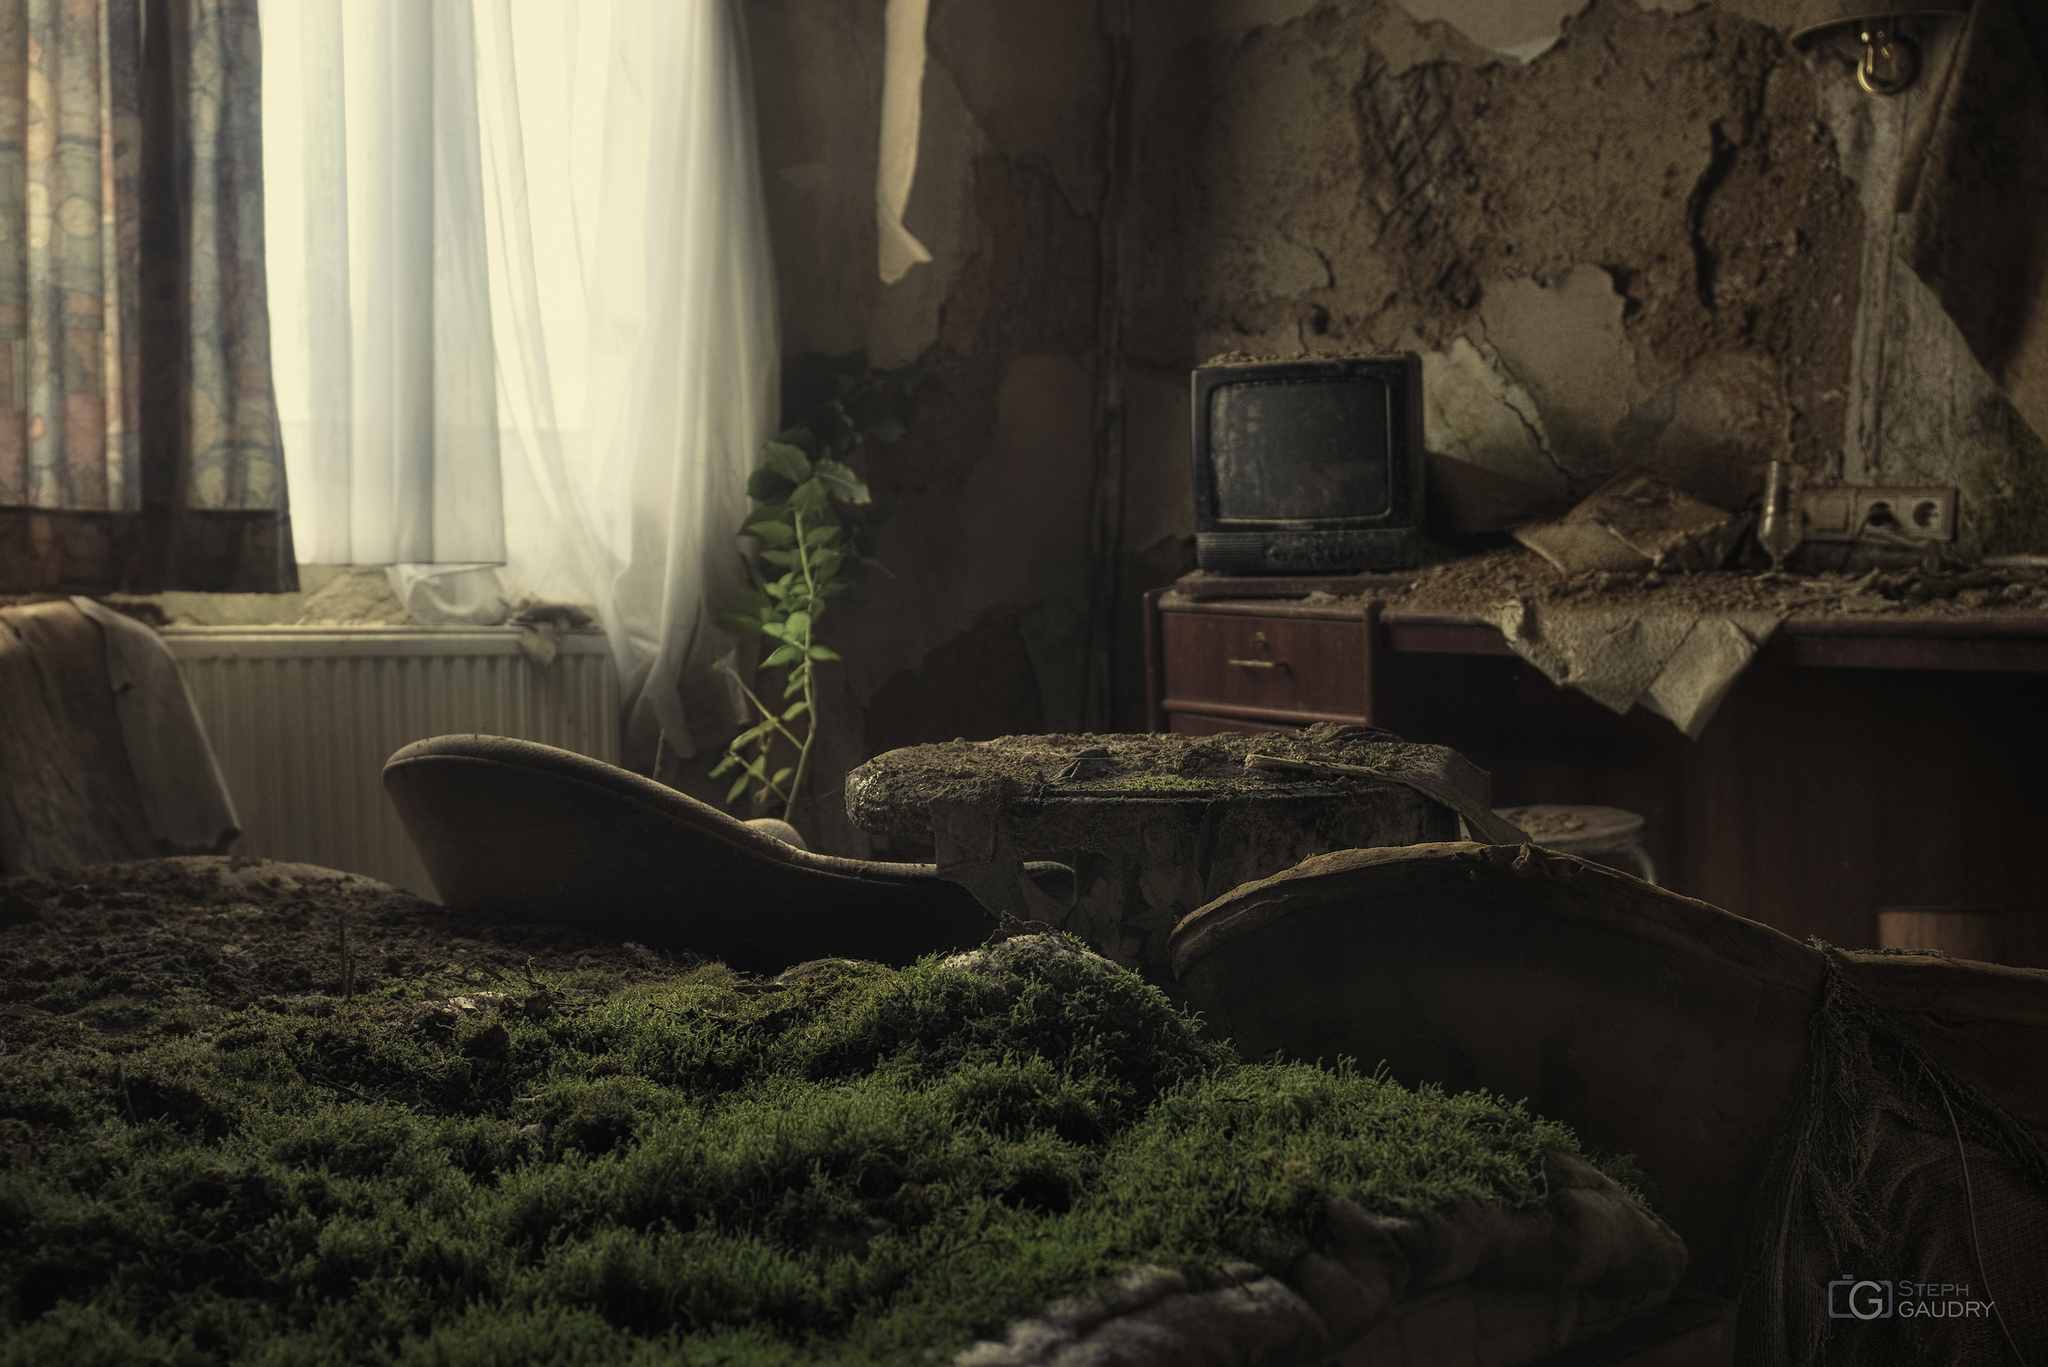 Un lit de verdure